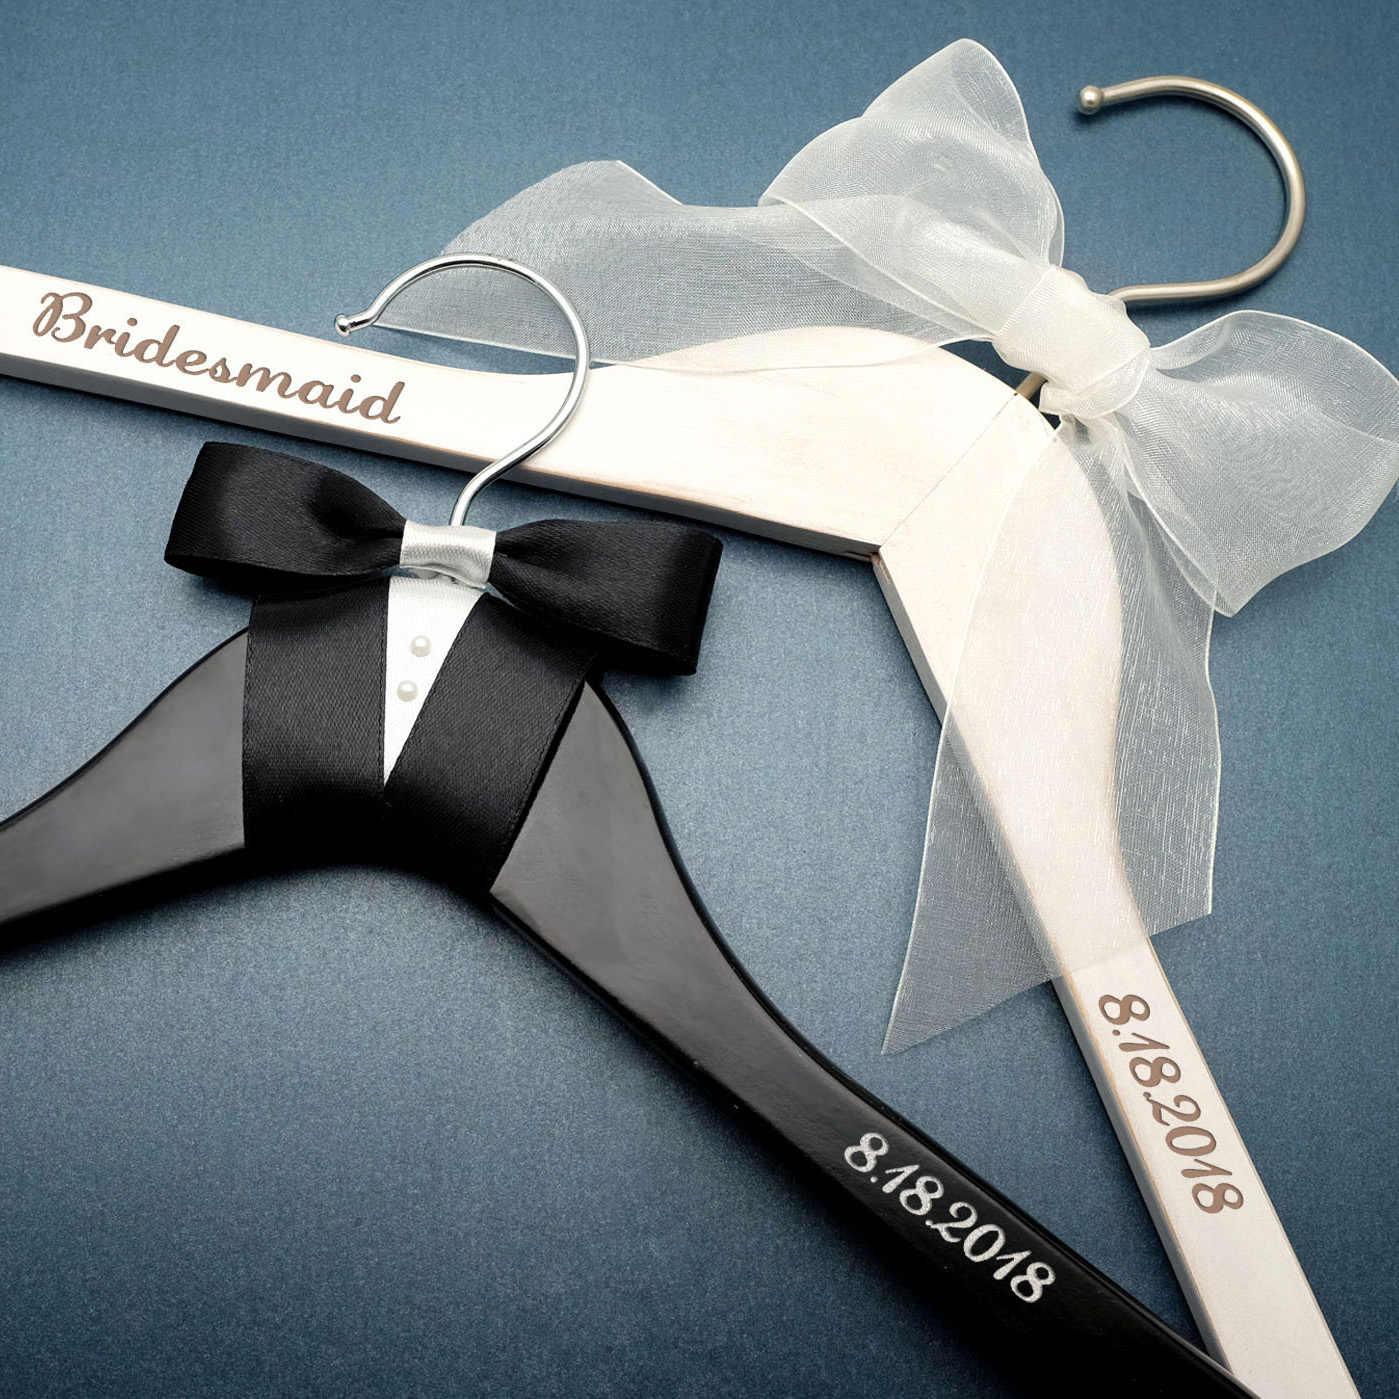 Bridesmaid Hanger Bride Hanger Wedding Gown Bridal Hanger Dress Hanger Bridal Shower Gift